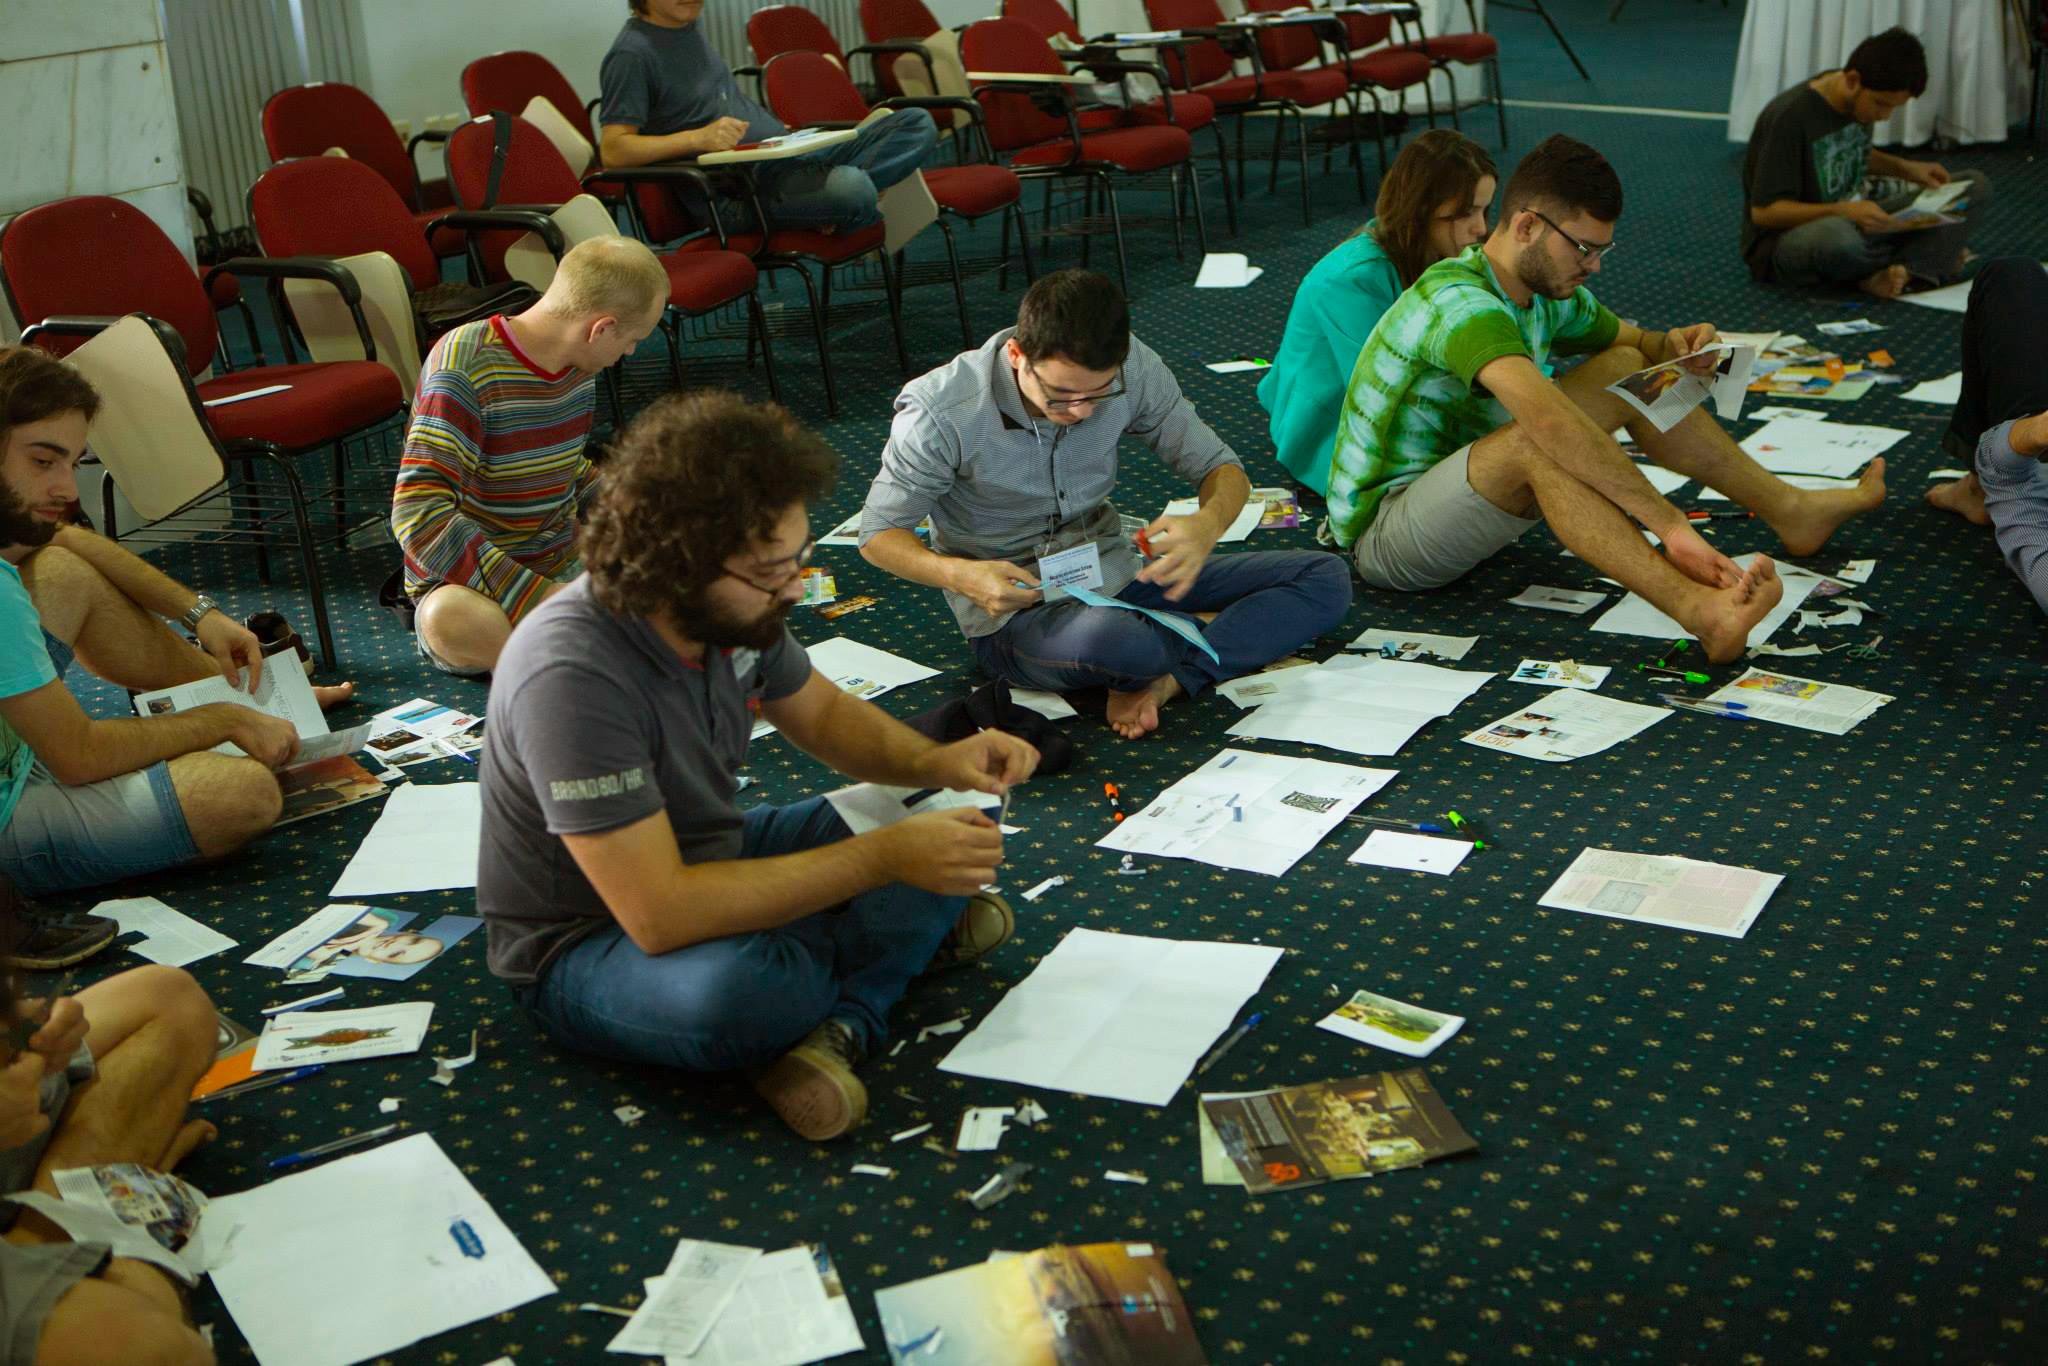 Jovens participam de oficinas durante o curso. Foto: Renato Oliveira/ASCOM DDAHV